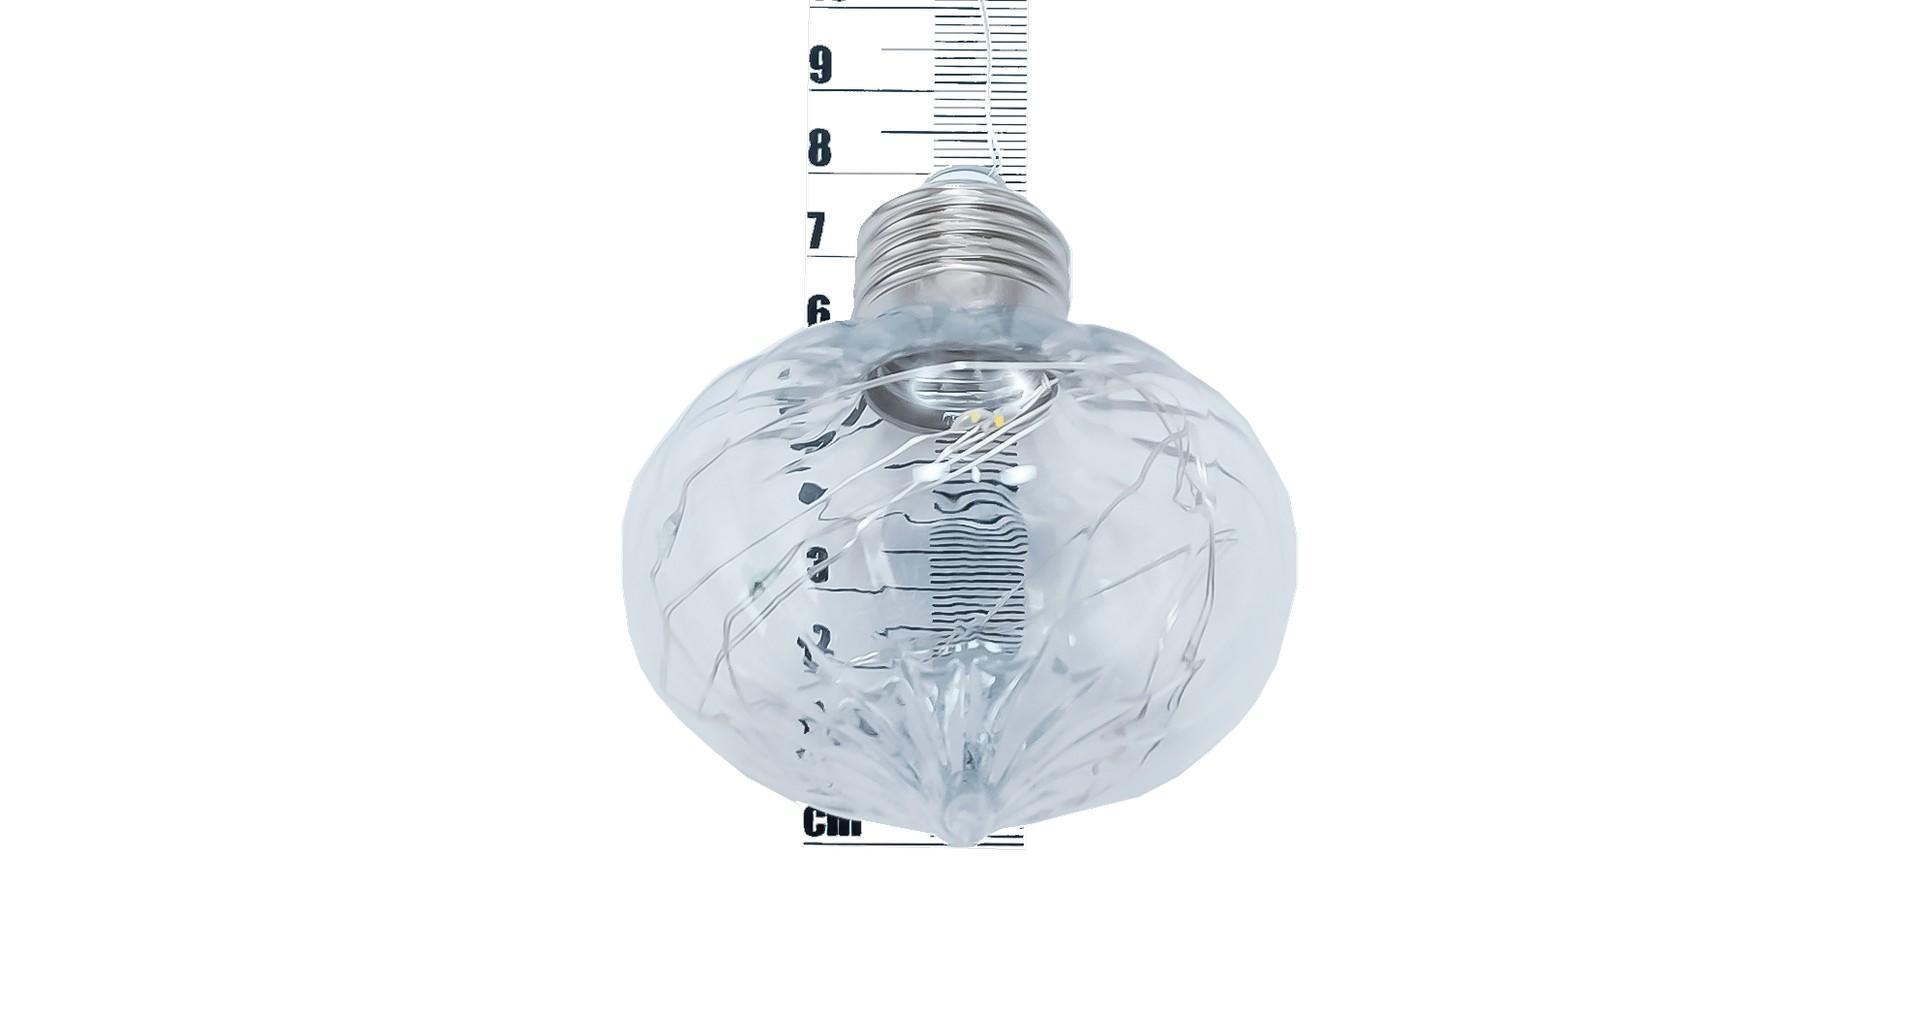 Гирлянда-дождик светодиодная NY - 125 LED Curtion Color 2